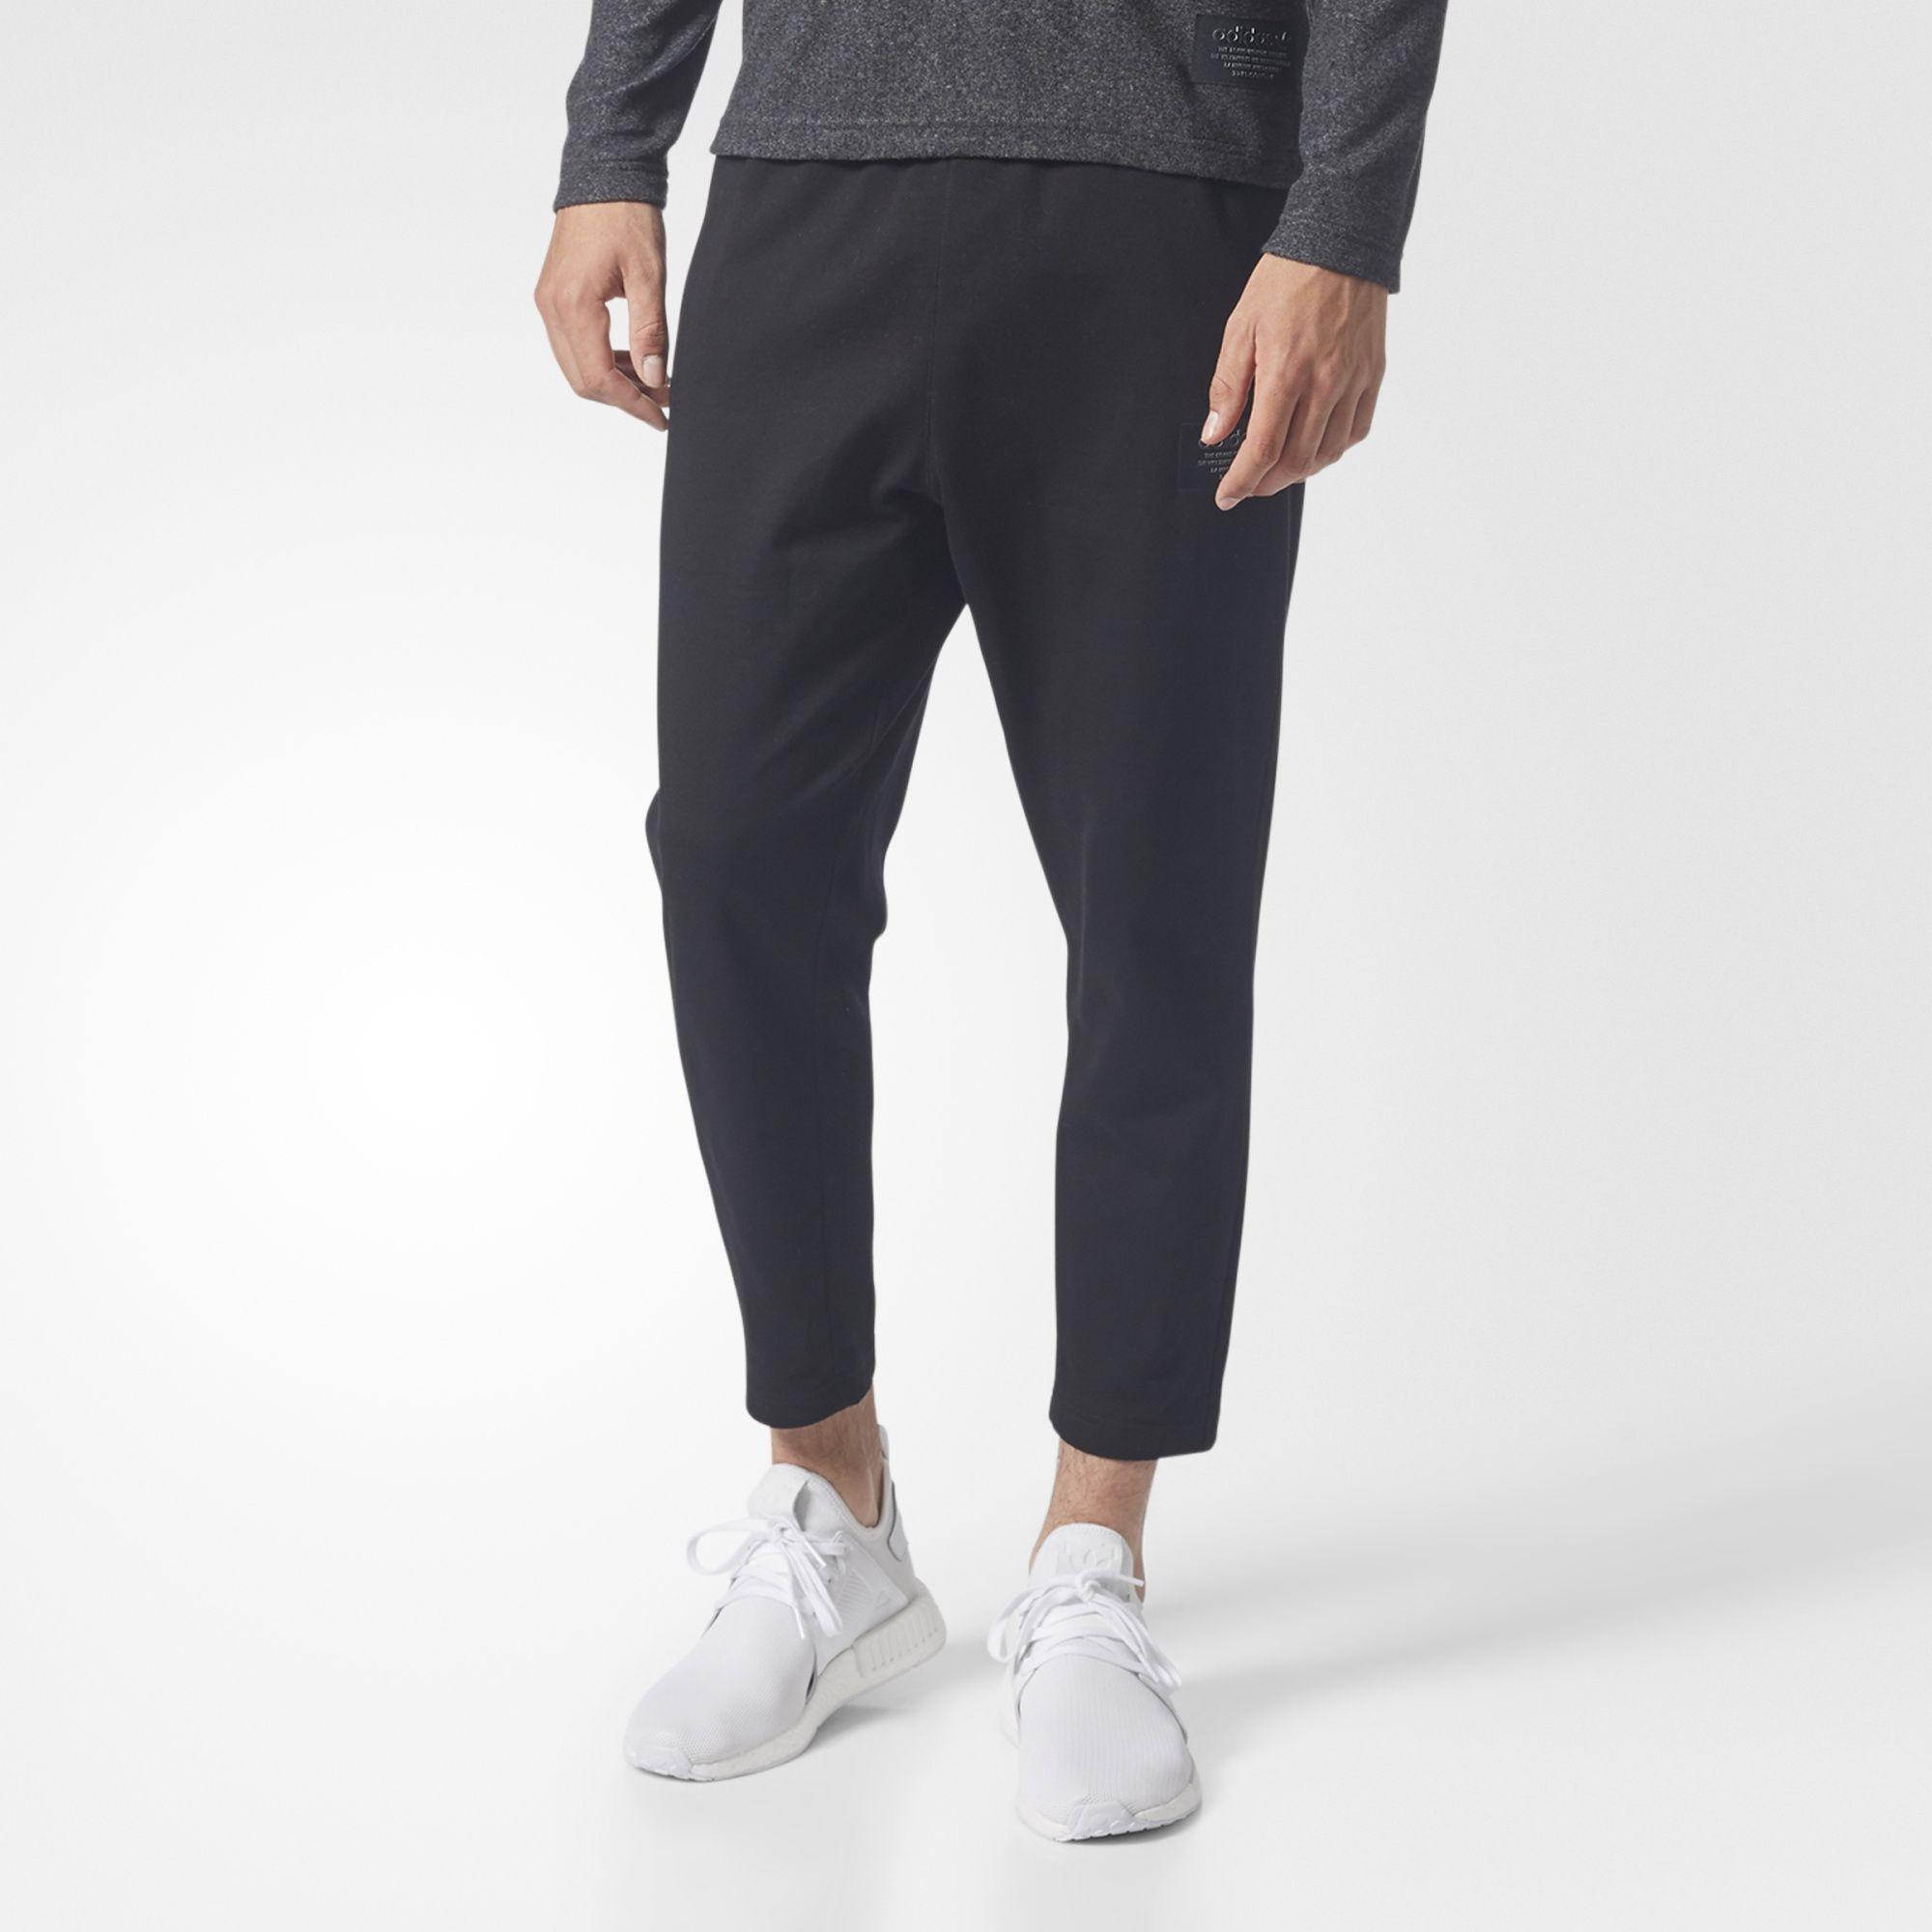 Lekkie Spodnie Dresowe Z Materialu Frotte Dla Mezczyzn To Fuzja Prostoty I Funkcjonalnosci Model Odswiezony Za Spra Adidas Sweatpants Adidas Sweats Sweatpants